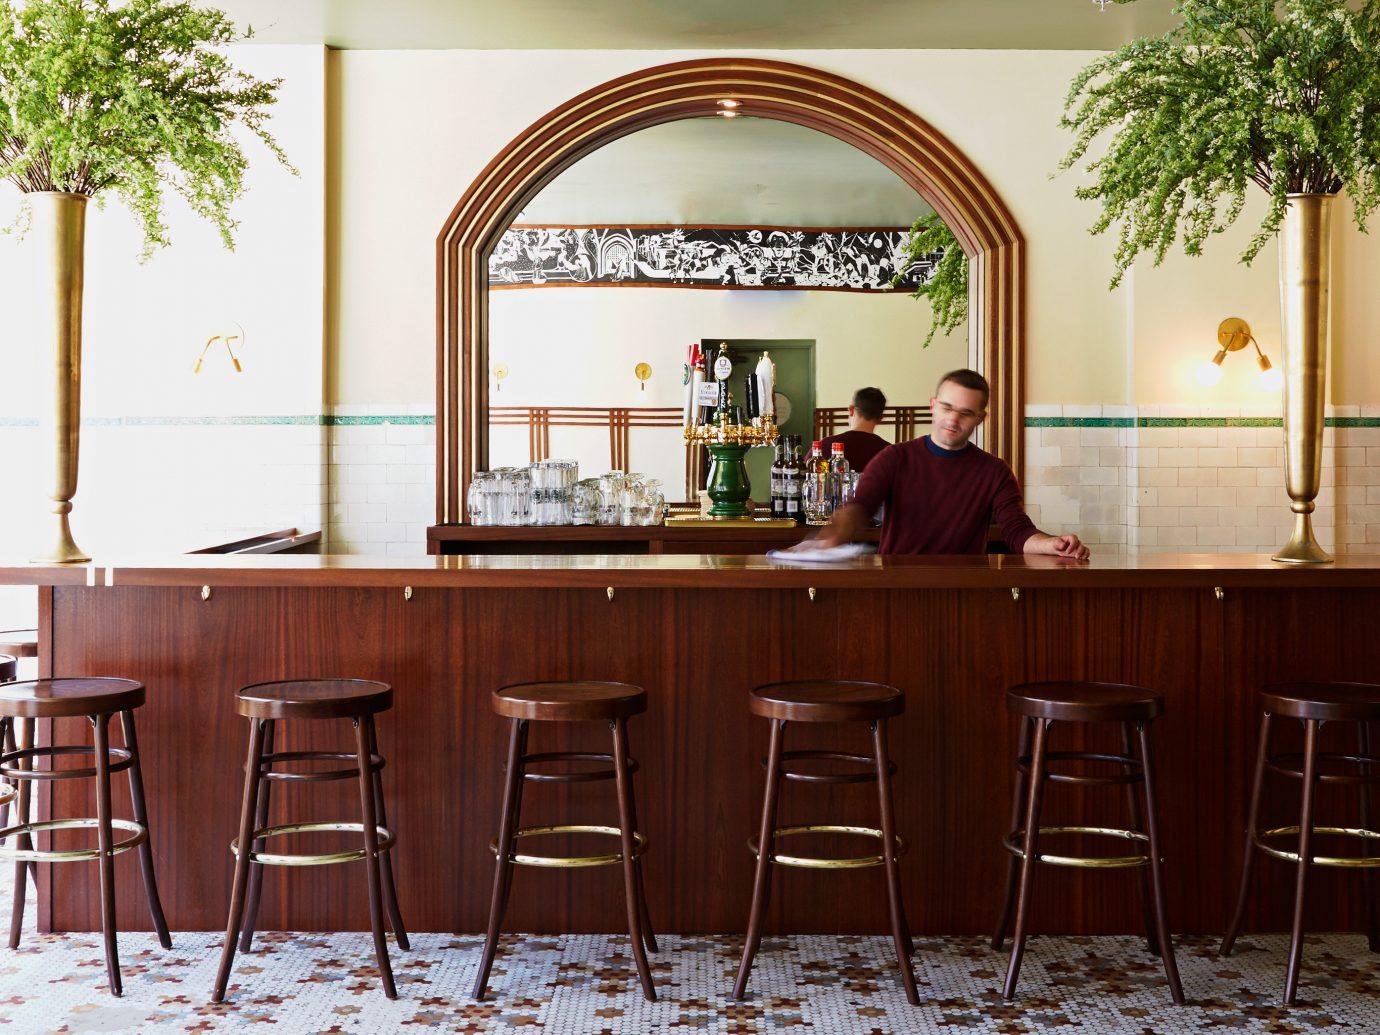 Bar Boutique Budget City Design Drink Eat Food + Drink Hip Modern Weekend Getaways chair dining room room property indoor home estate restaurant furniture interior design cottage dining table